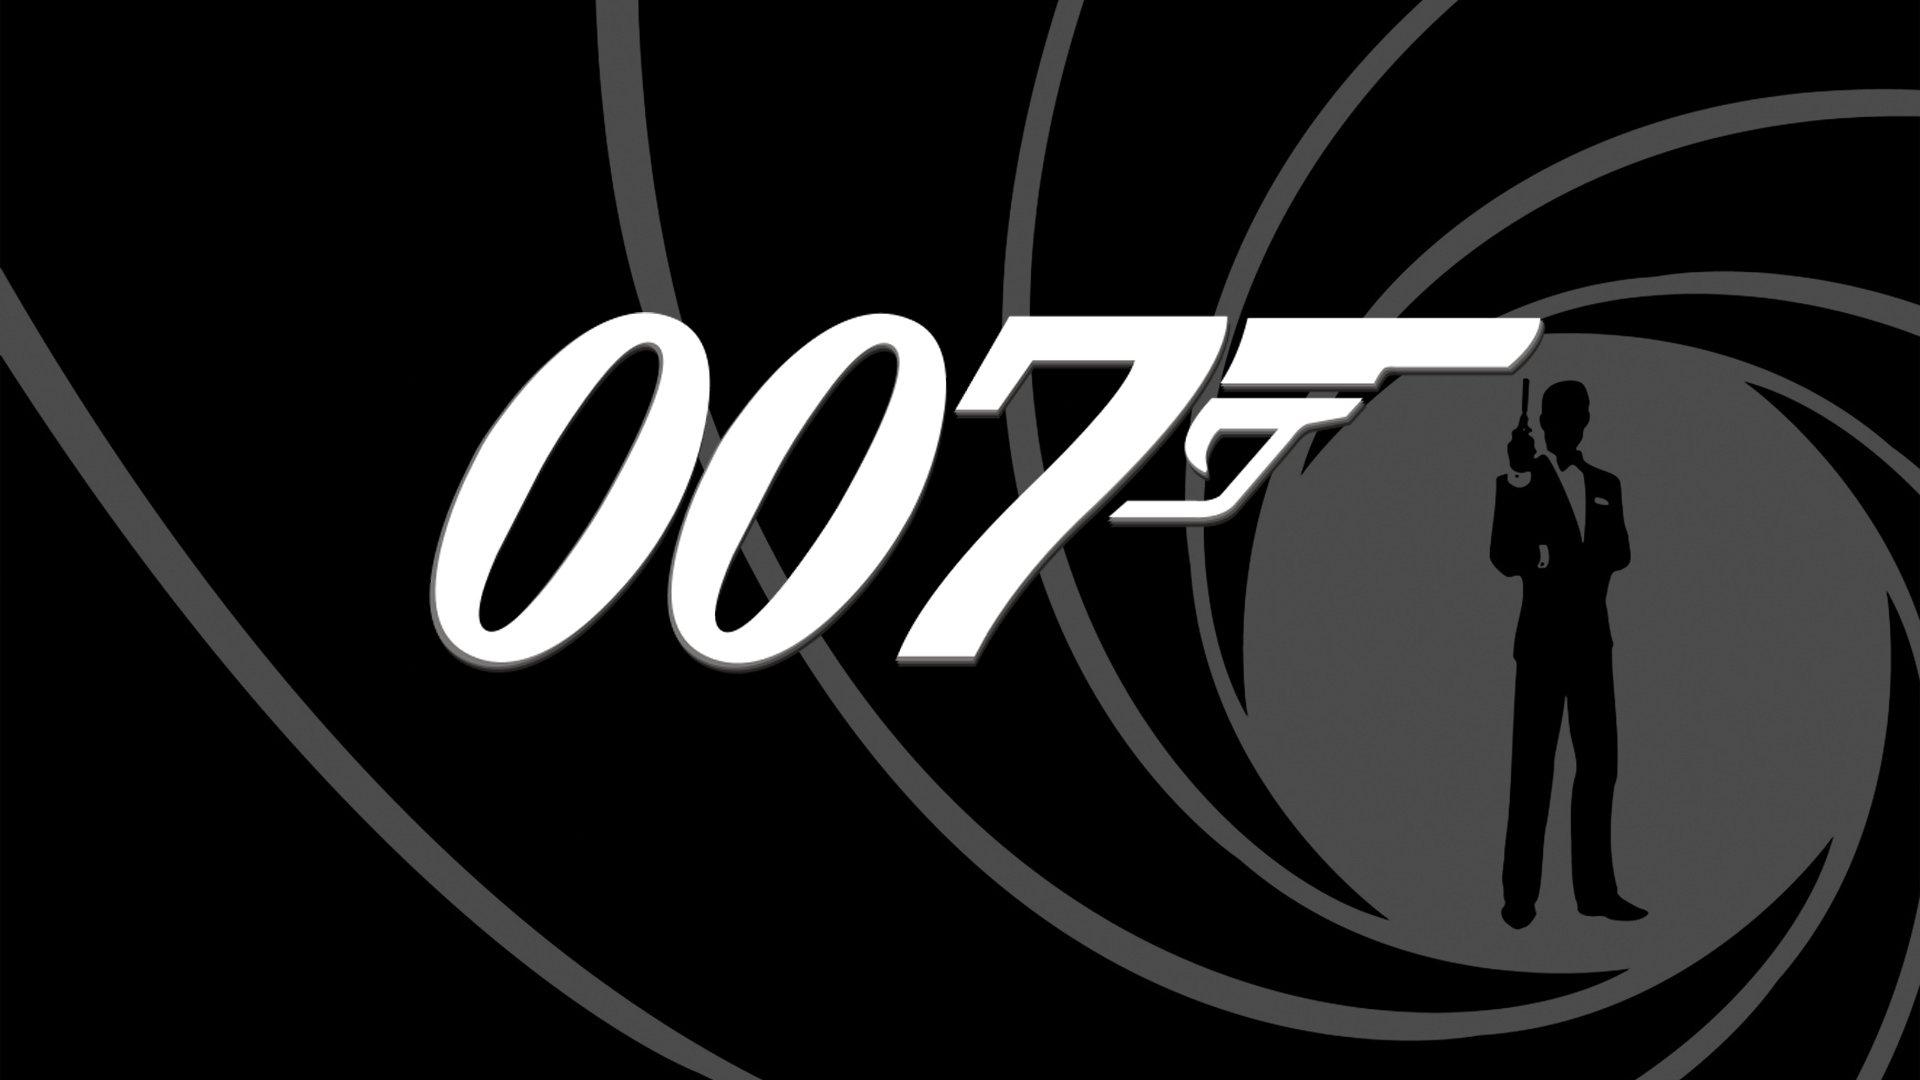 007: Координаты «Скайфолл» смотреть фото